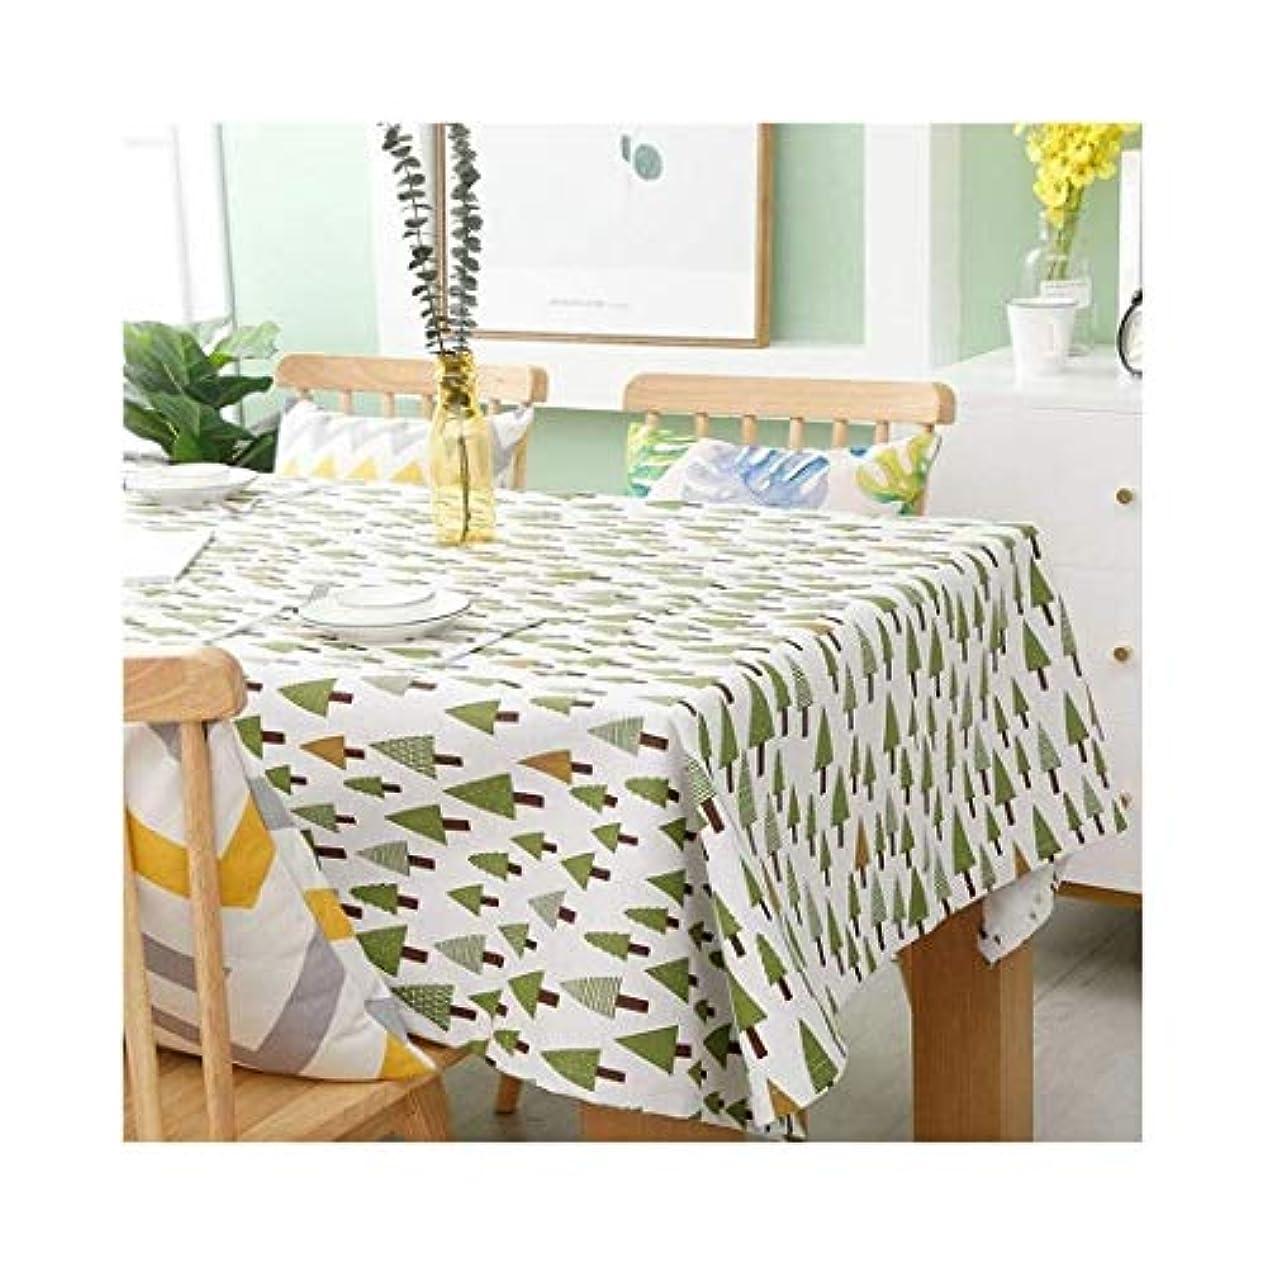 浴に対応ジョージハンブリーグリーンツリーパターンテーブルクロス白い背景の多機能装飾的なテーブルクロス通気性の綿と麻の生地ホームテーブルクロスヨーロッパの品質の材料摩耗テーブルクロス (Color : A)